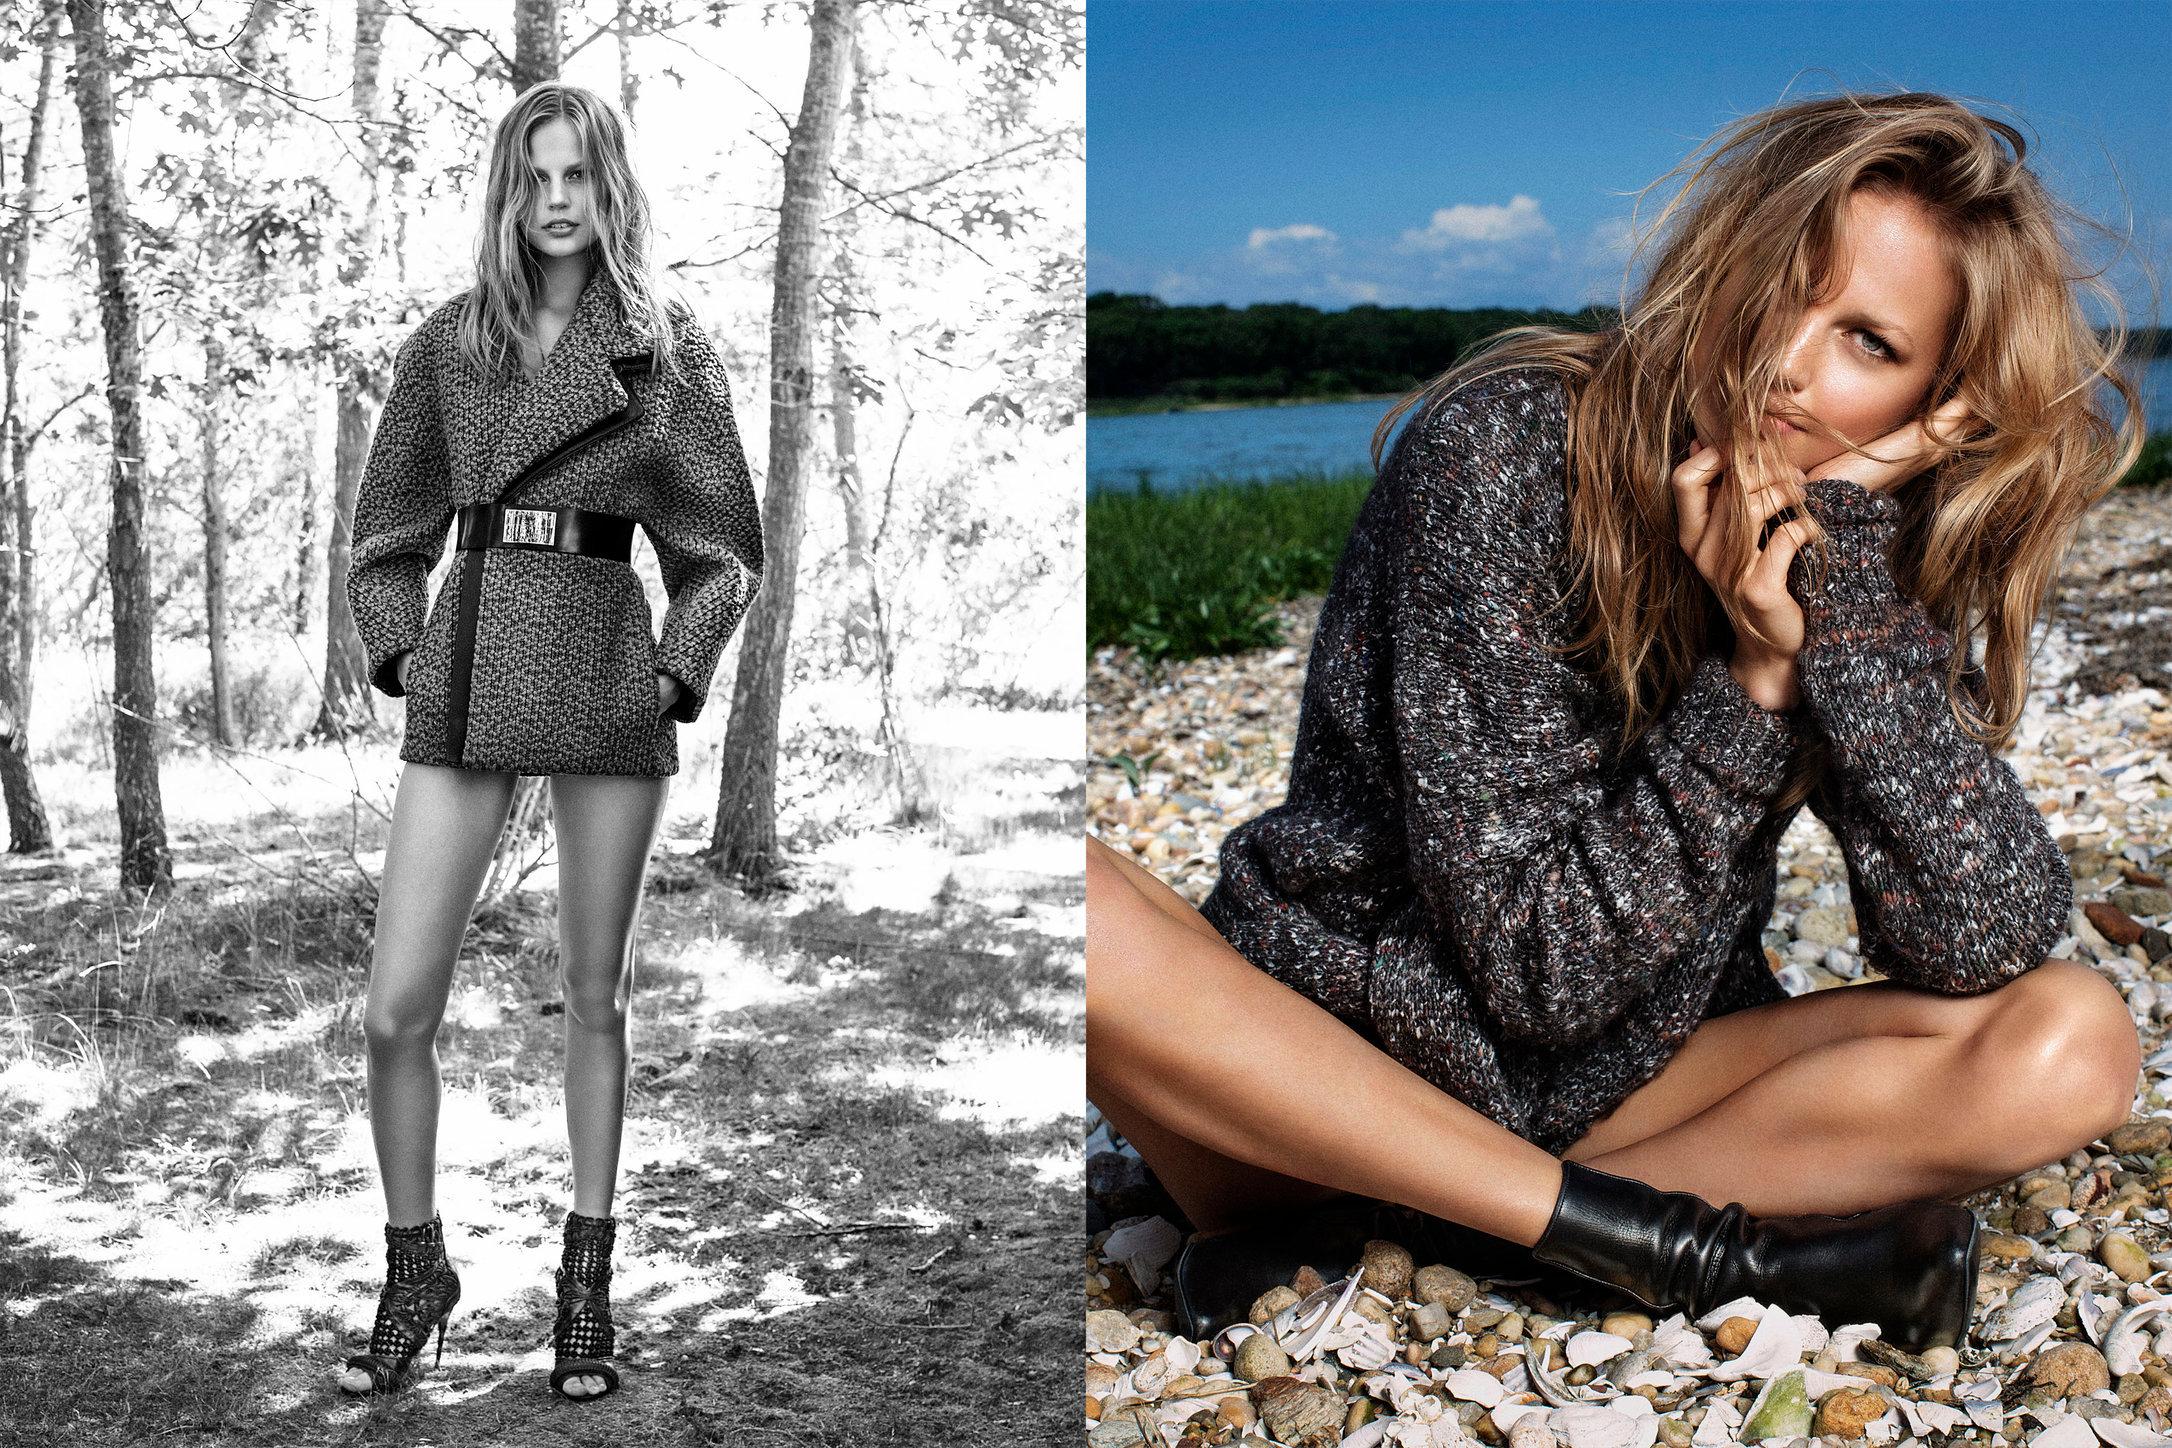 Vogue Spain. Elisabeth Erm. Juegos De Invierno. January, 2015.